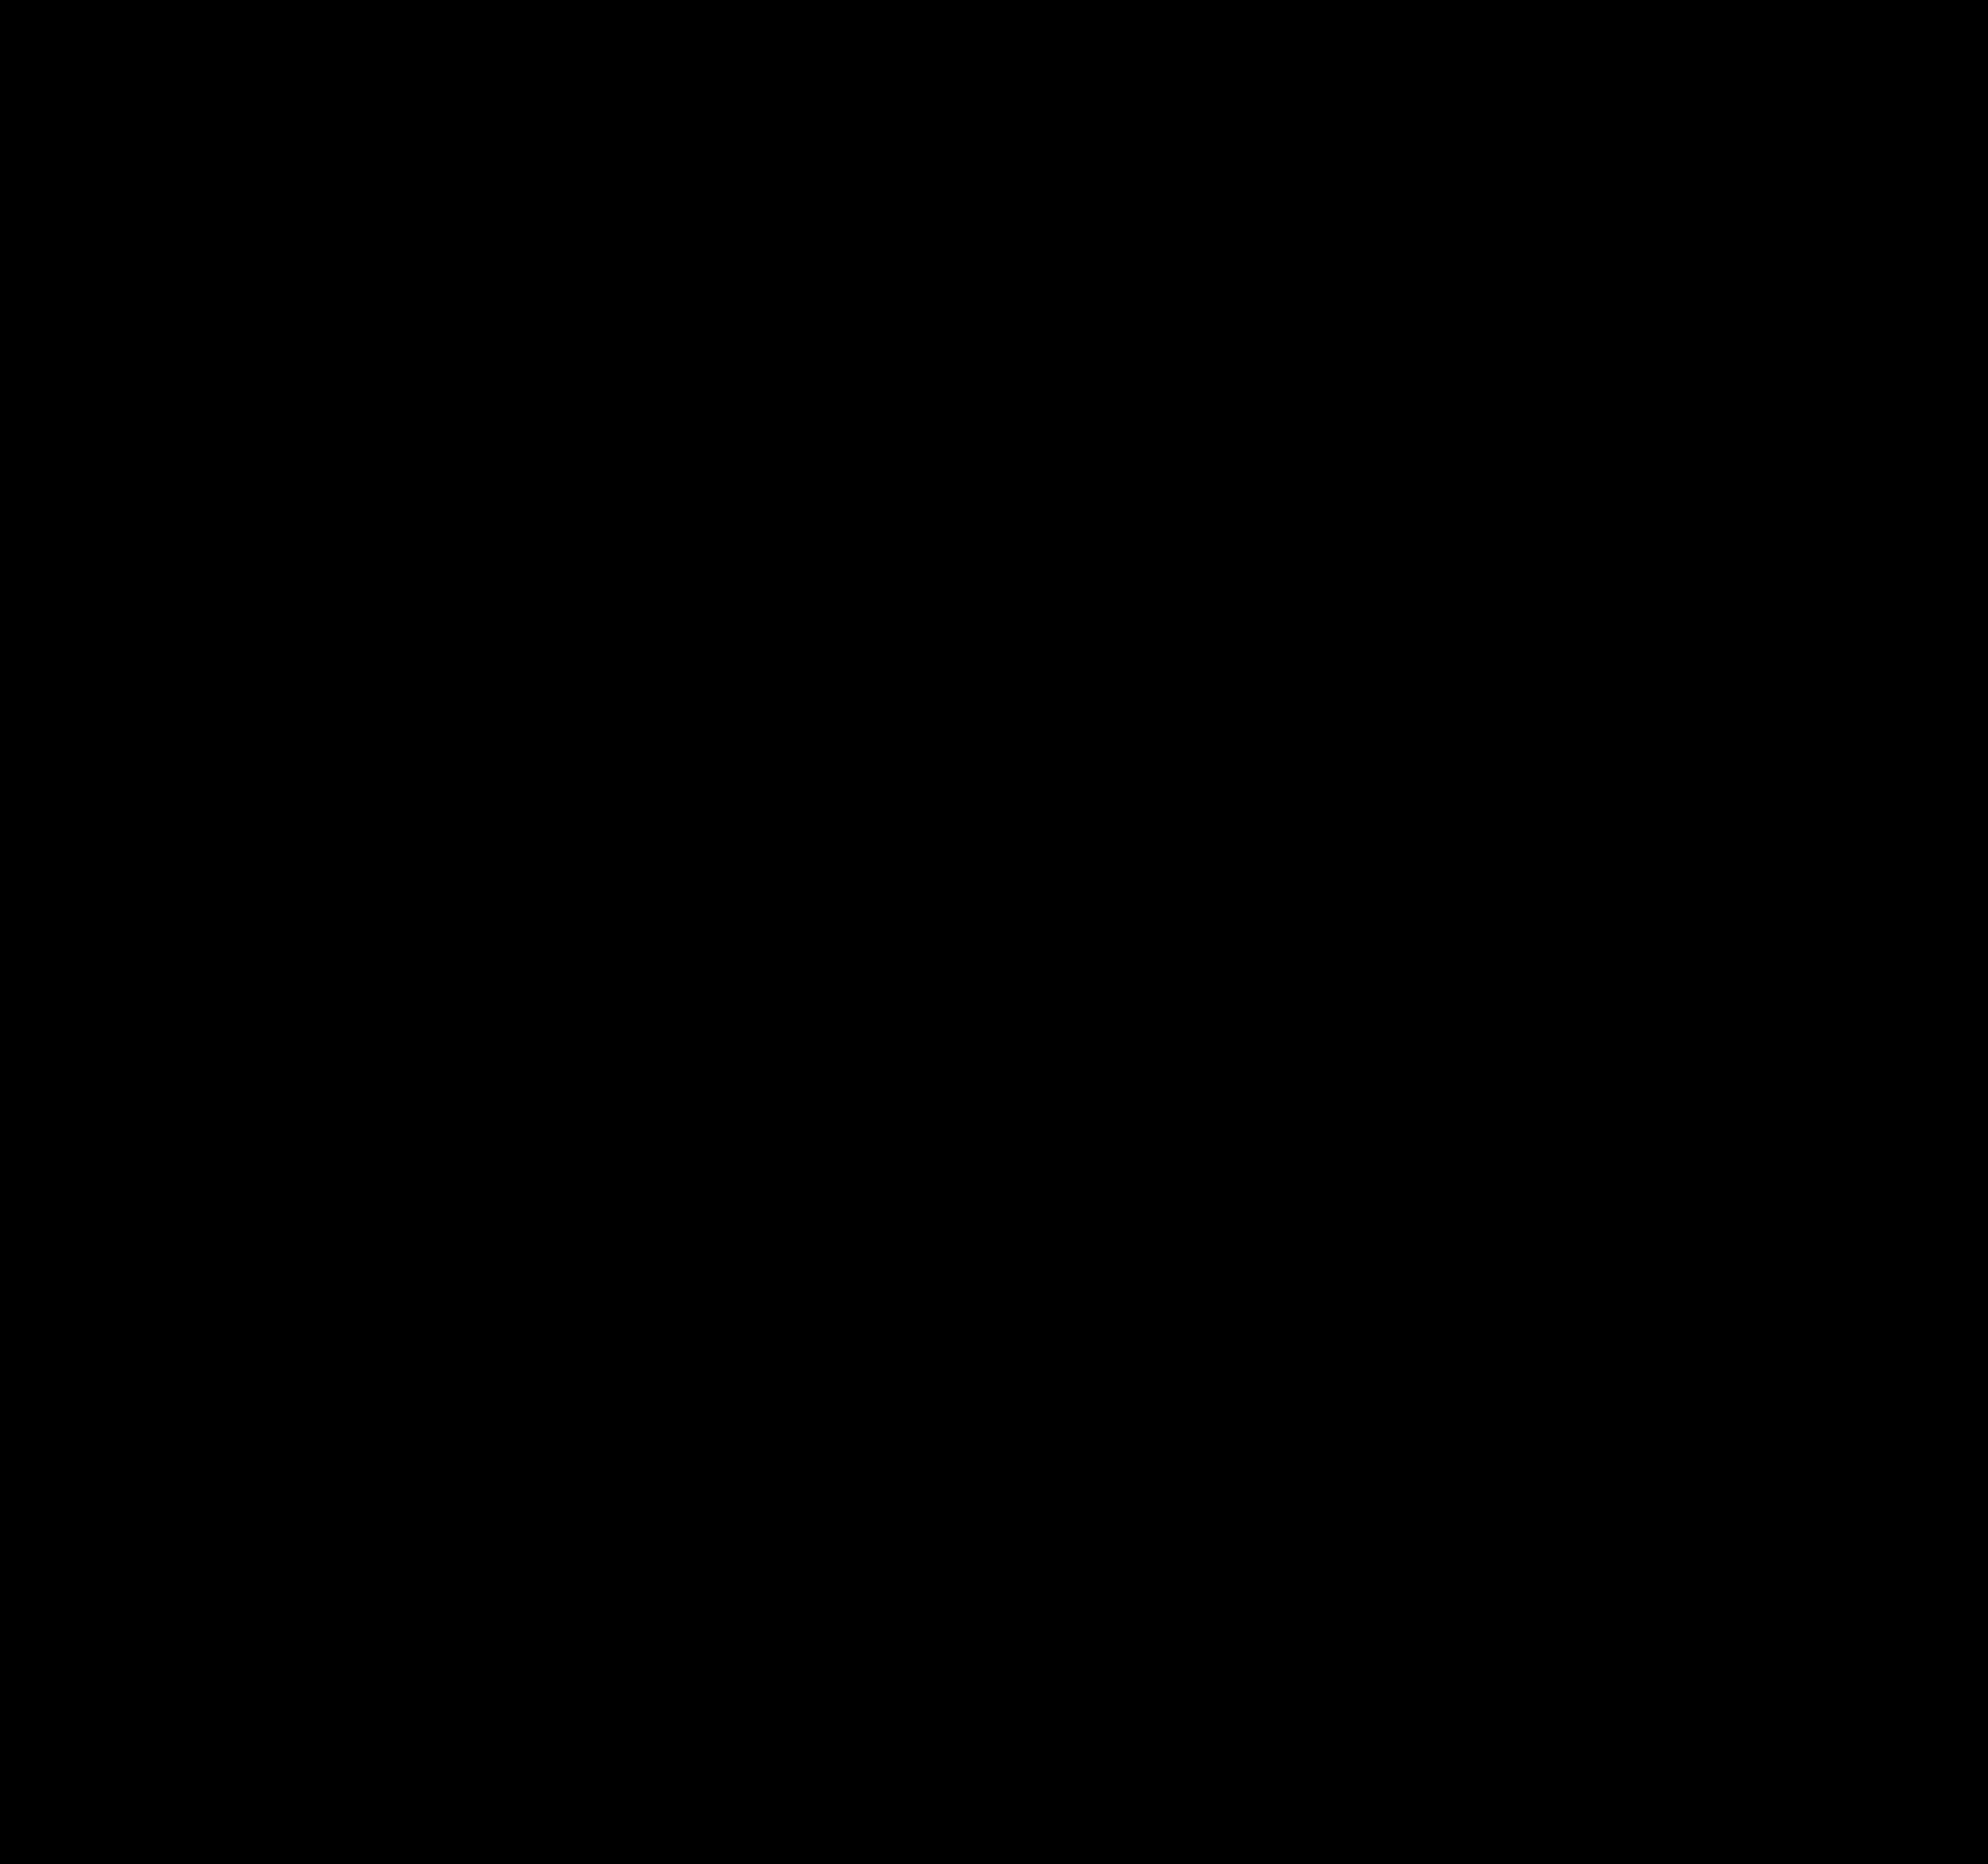 Cow PNG HD SVG Clip arts